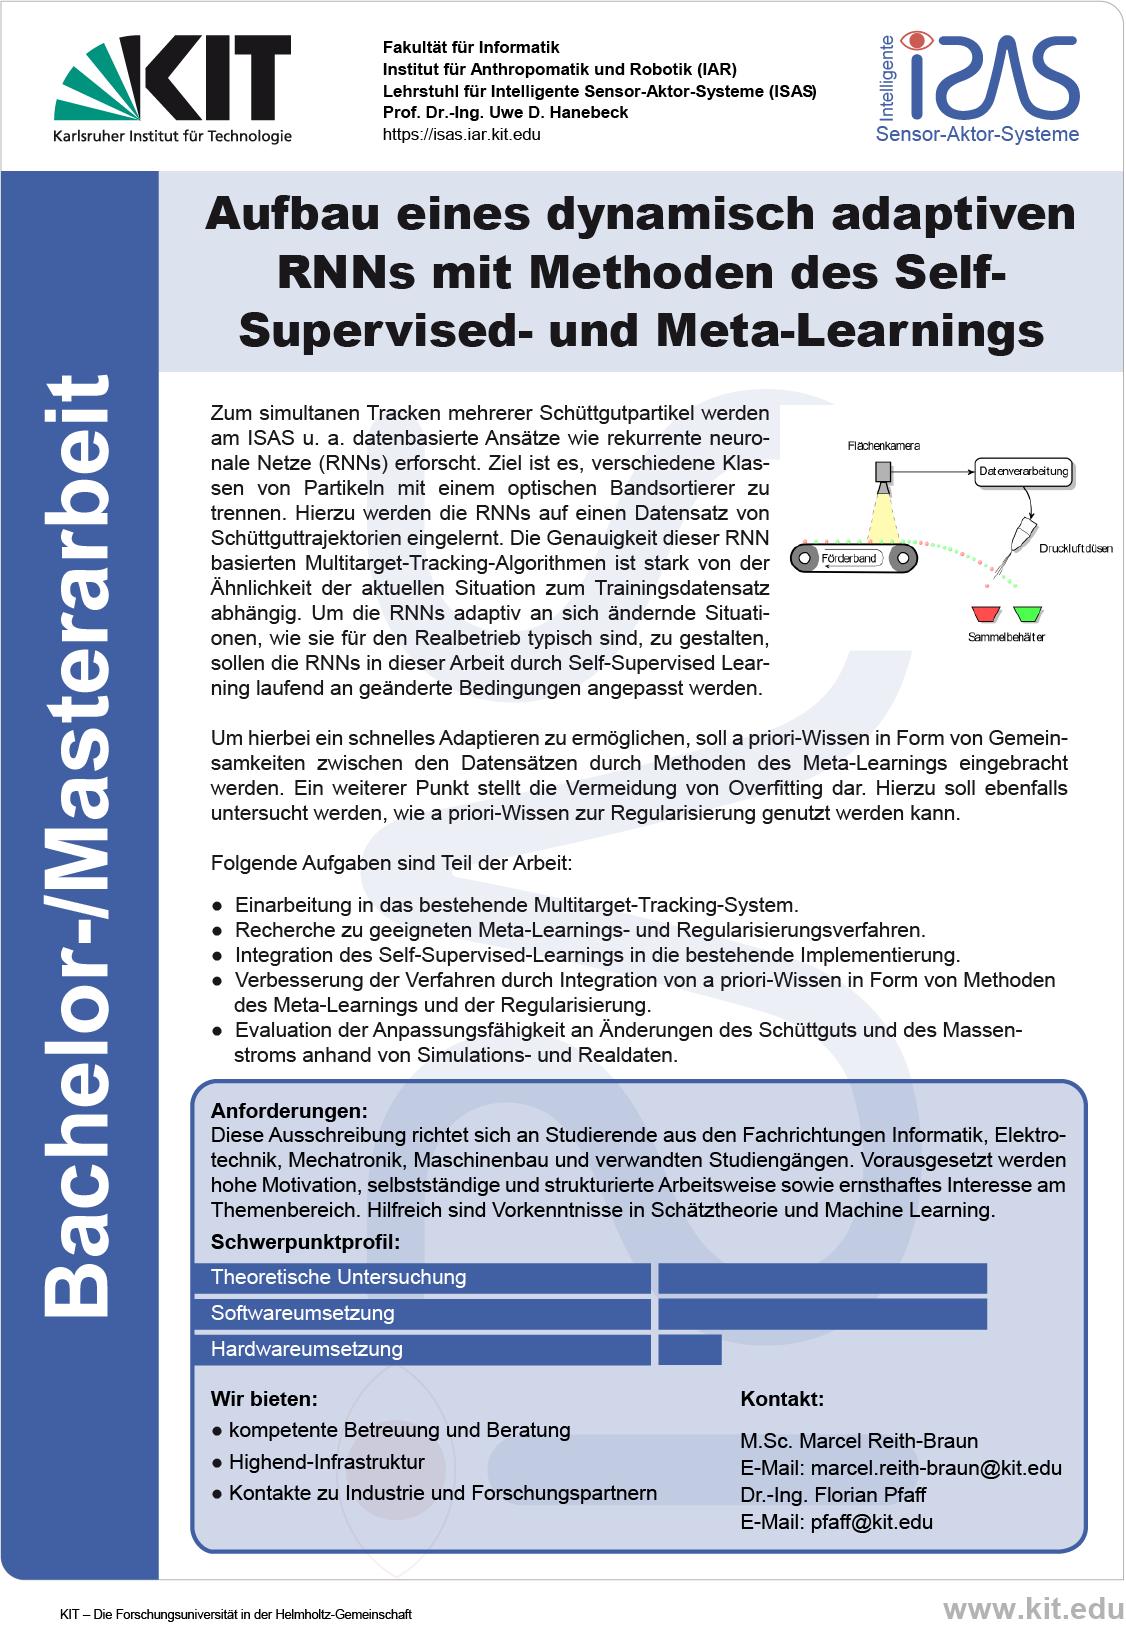 Aufbau eines dynamisch adaptiven RNNs mit Methoden des Self-Supervised- und Meta-Learnings